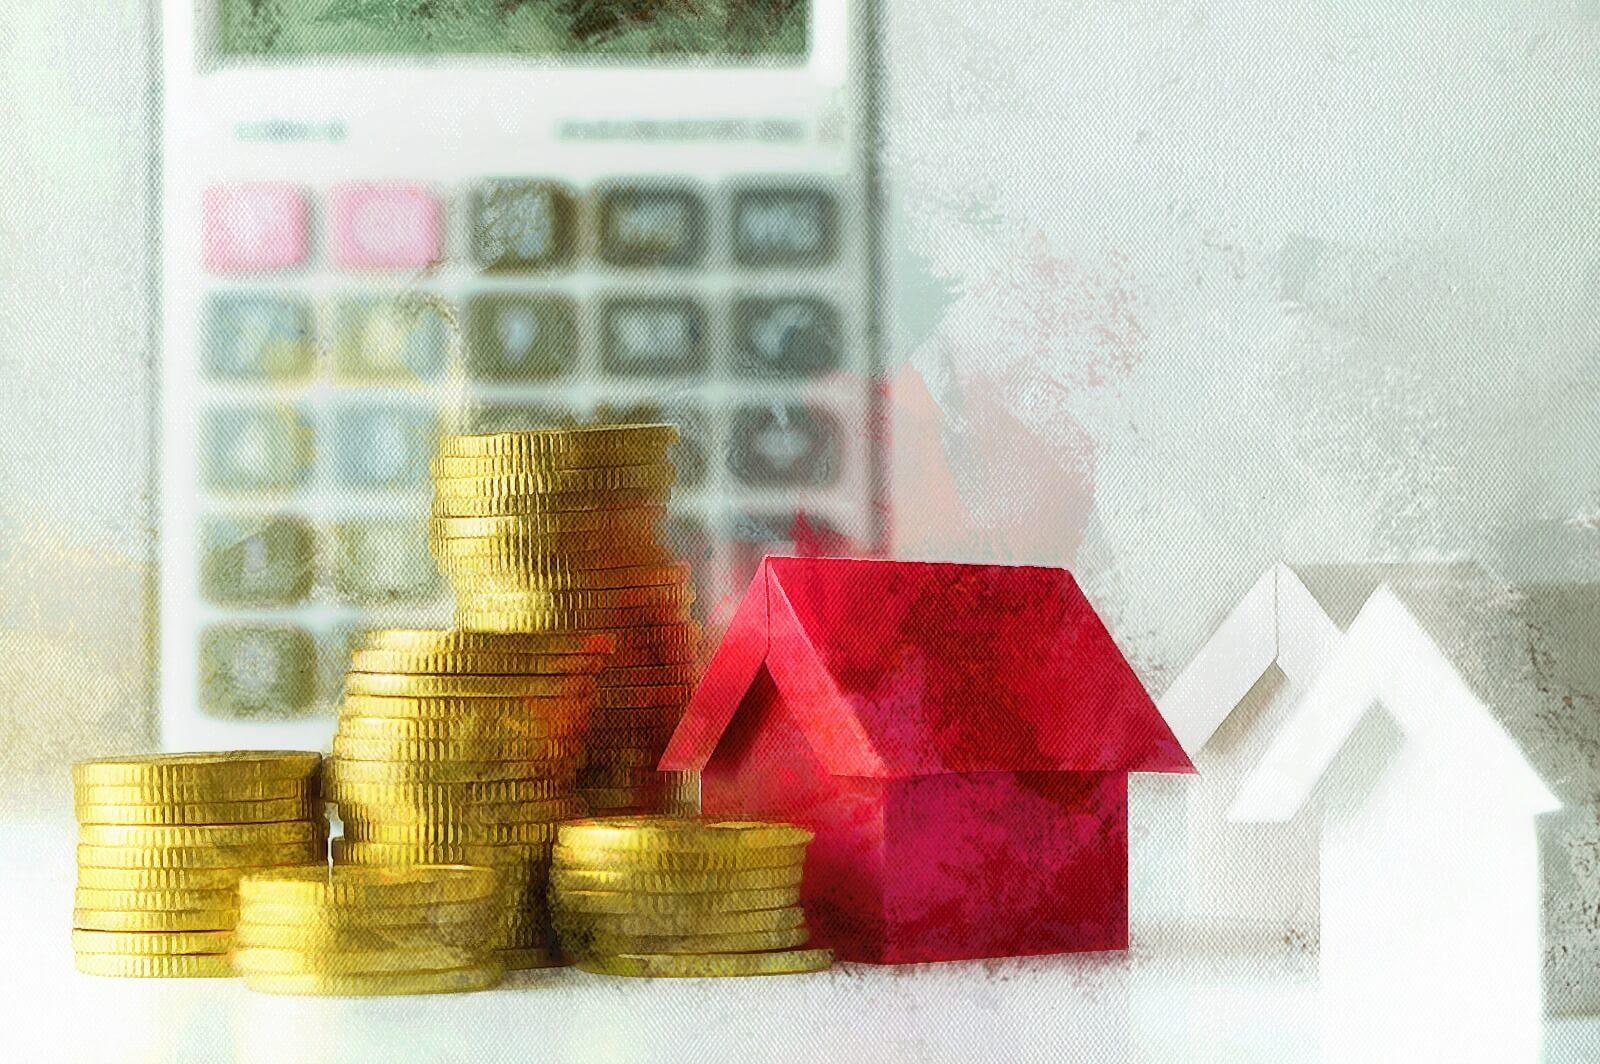 Продажа квартиры менее 3 лет в собственности и покупка новой квартиры